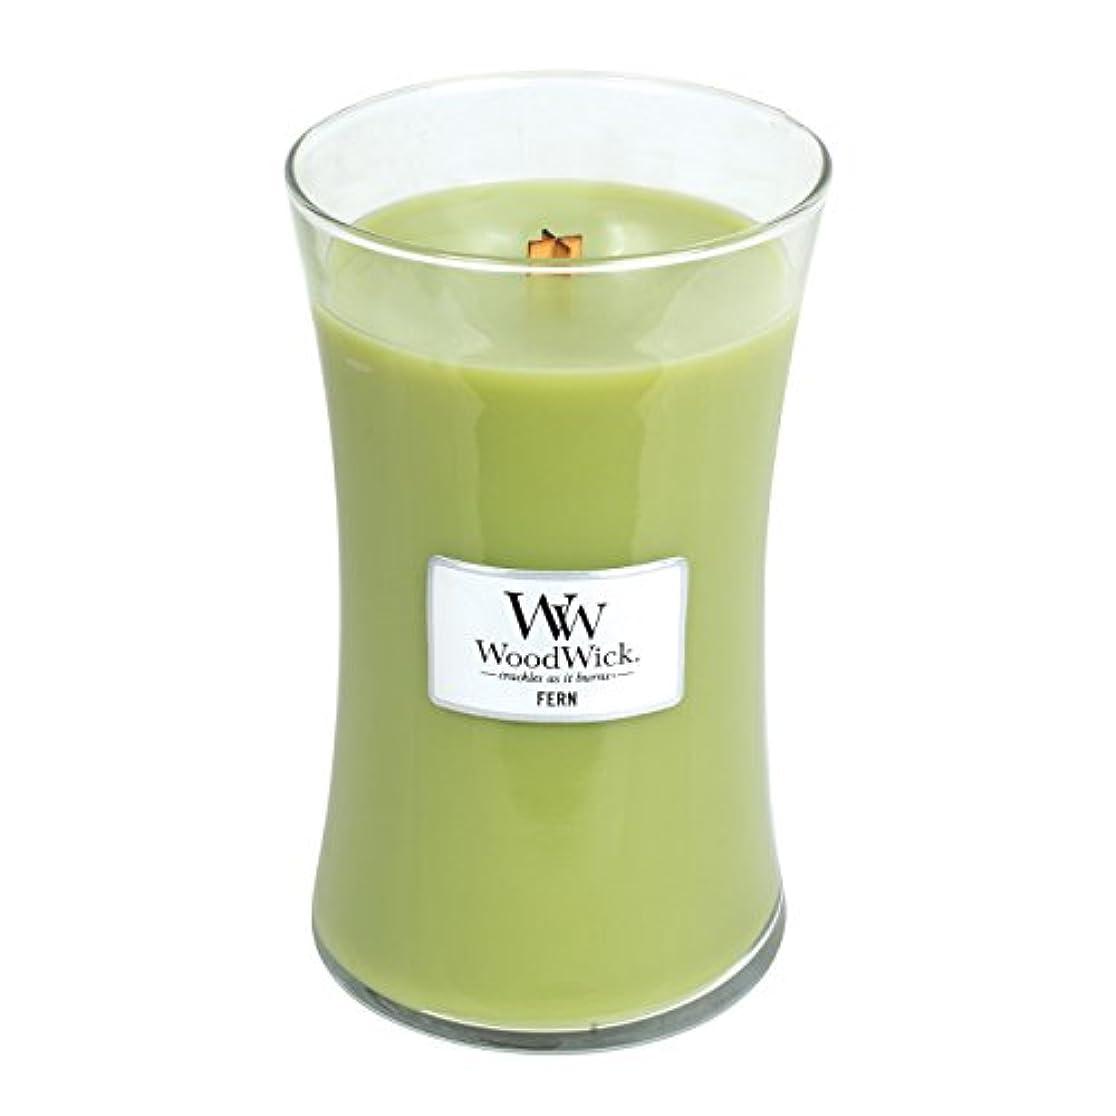 納税者異議座標Woodwick Fern, Highly Scented Candle、クラシック砂時計Jar, Large 7-inch、21.5 Oz